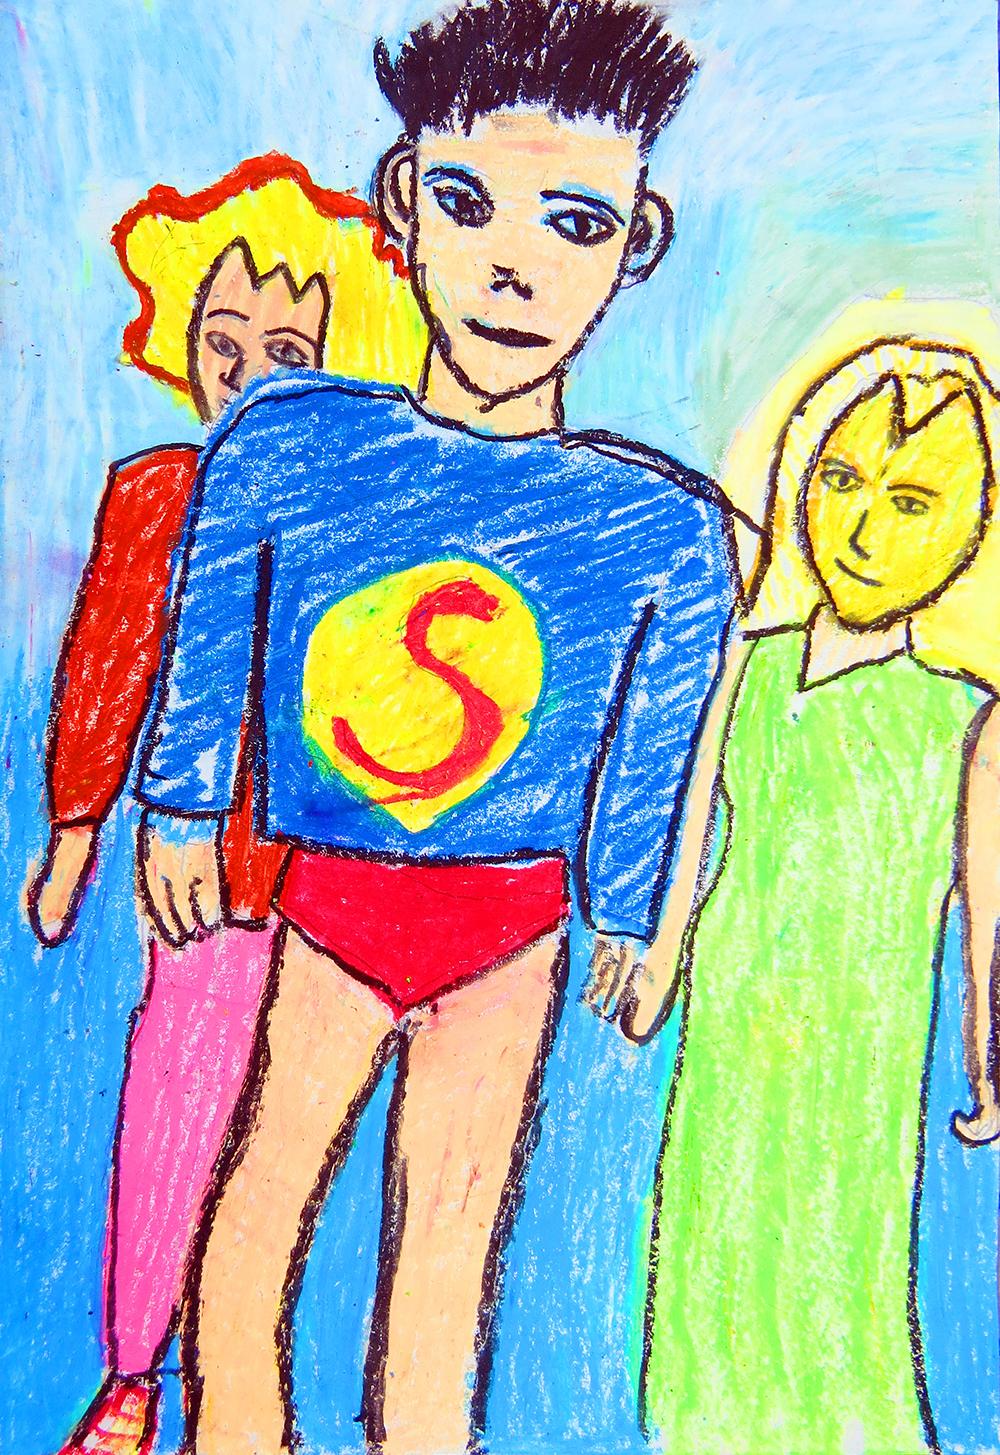 成人組-入選獎 我是Superman